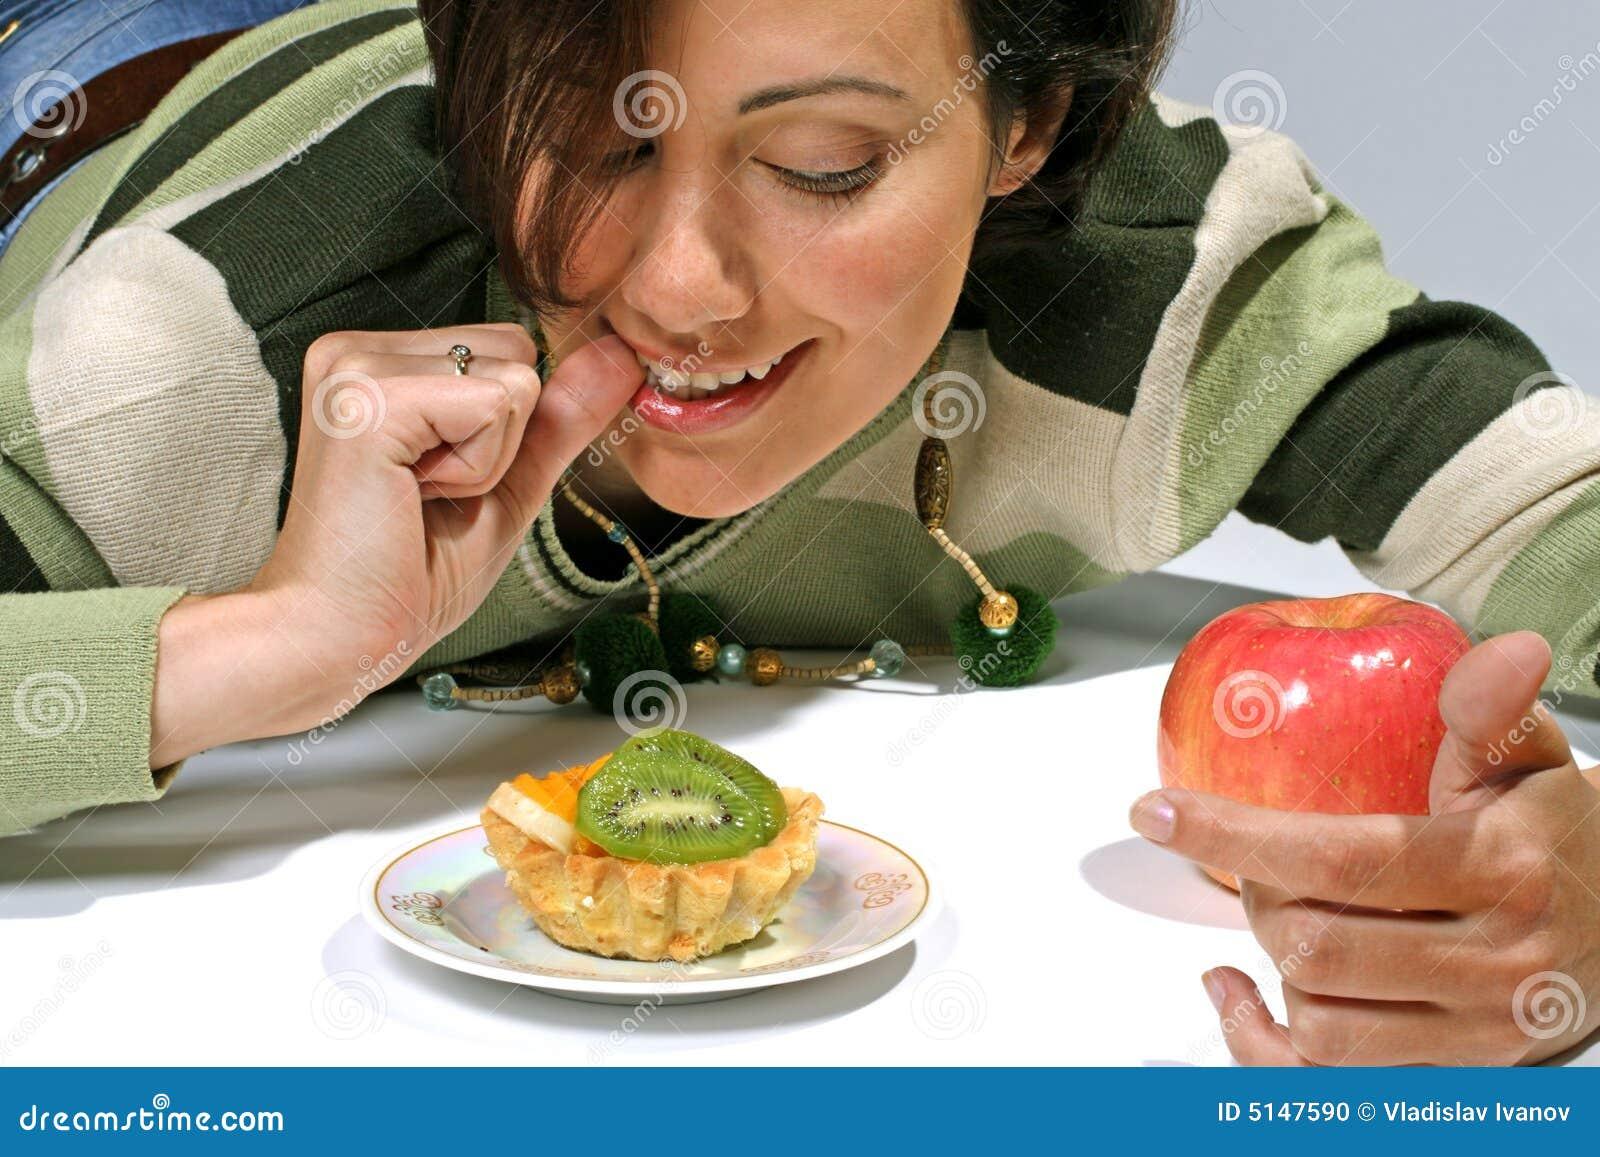 De verleiding van het dieet - cake tegen appel